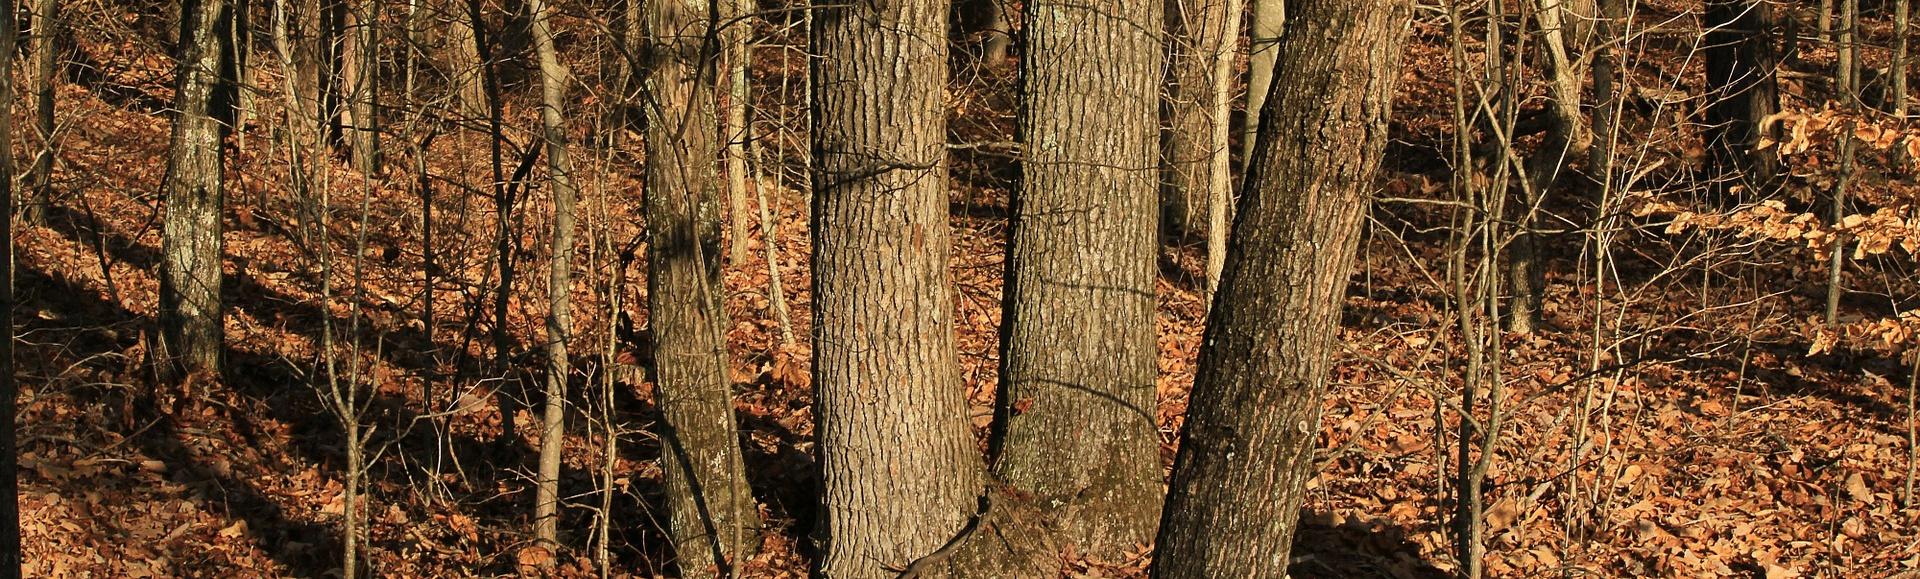 Atelier biodiversité – Samedi 7 novembre 2020 – Nettoyage du bois l'Évêque